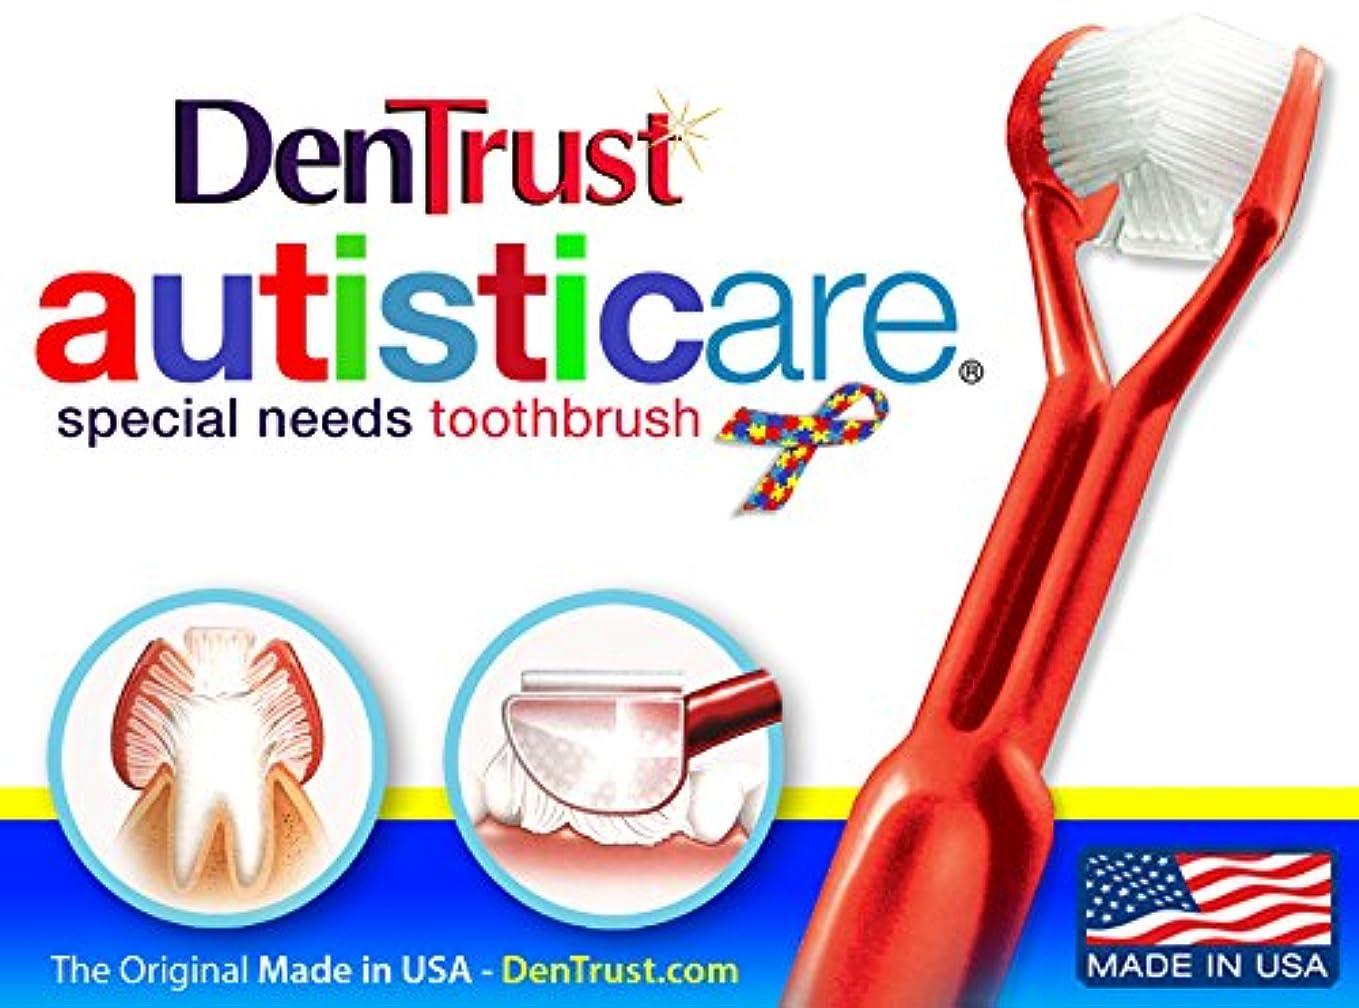 はねかける詐欺夜明けに子供?介護用に便利な3面歯ブラシ/DenTrust 3-Sided Toothbrush :: Specialty Toothbrush